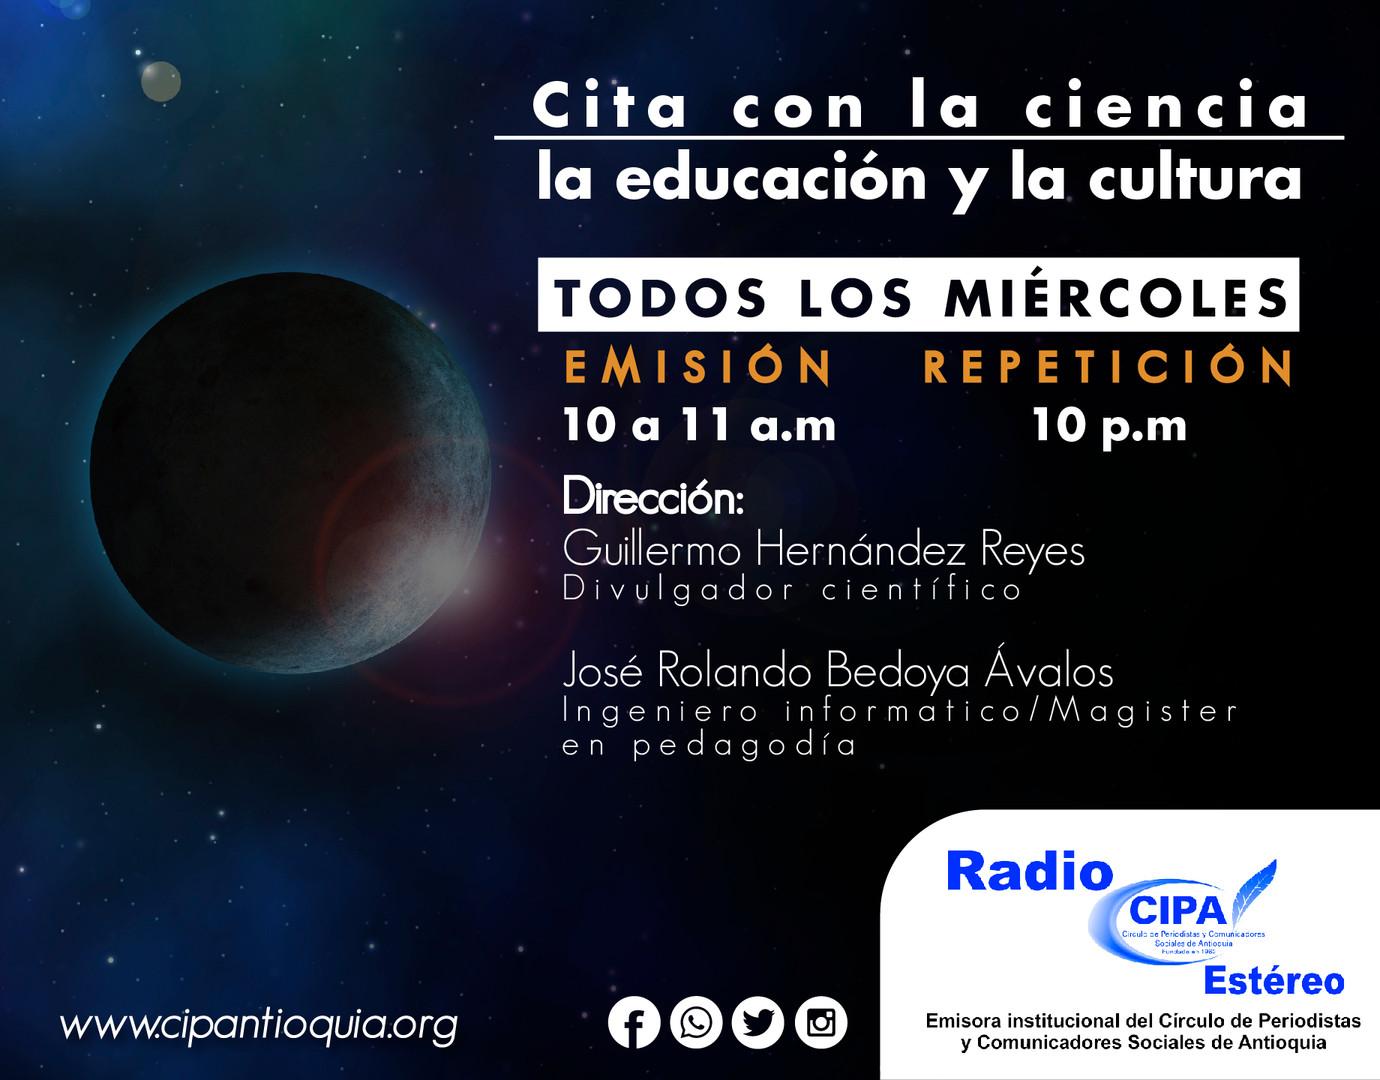 Cita con la ciencia la educación y la cultura